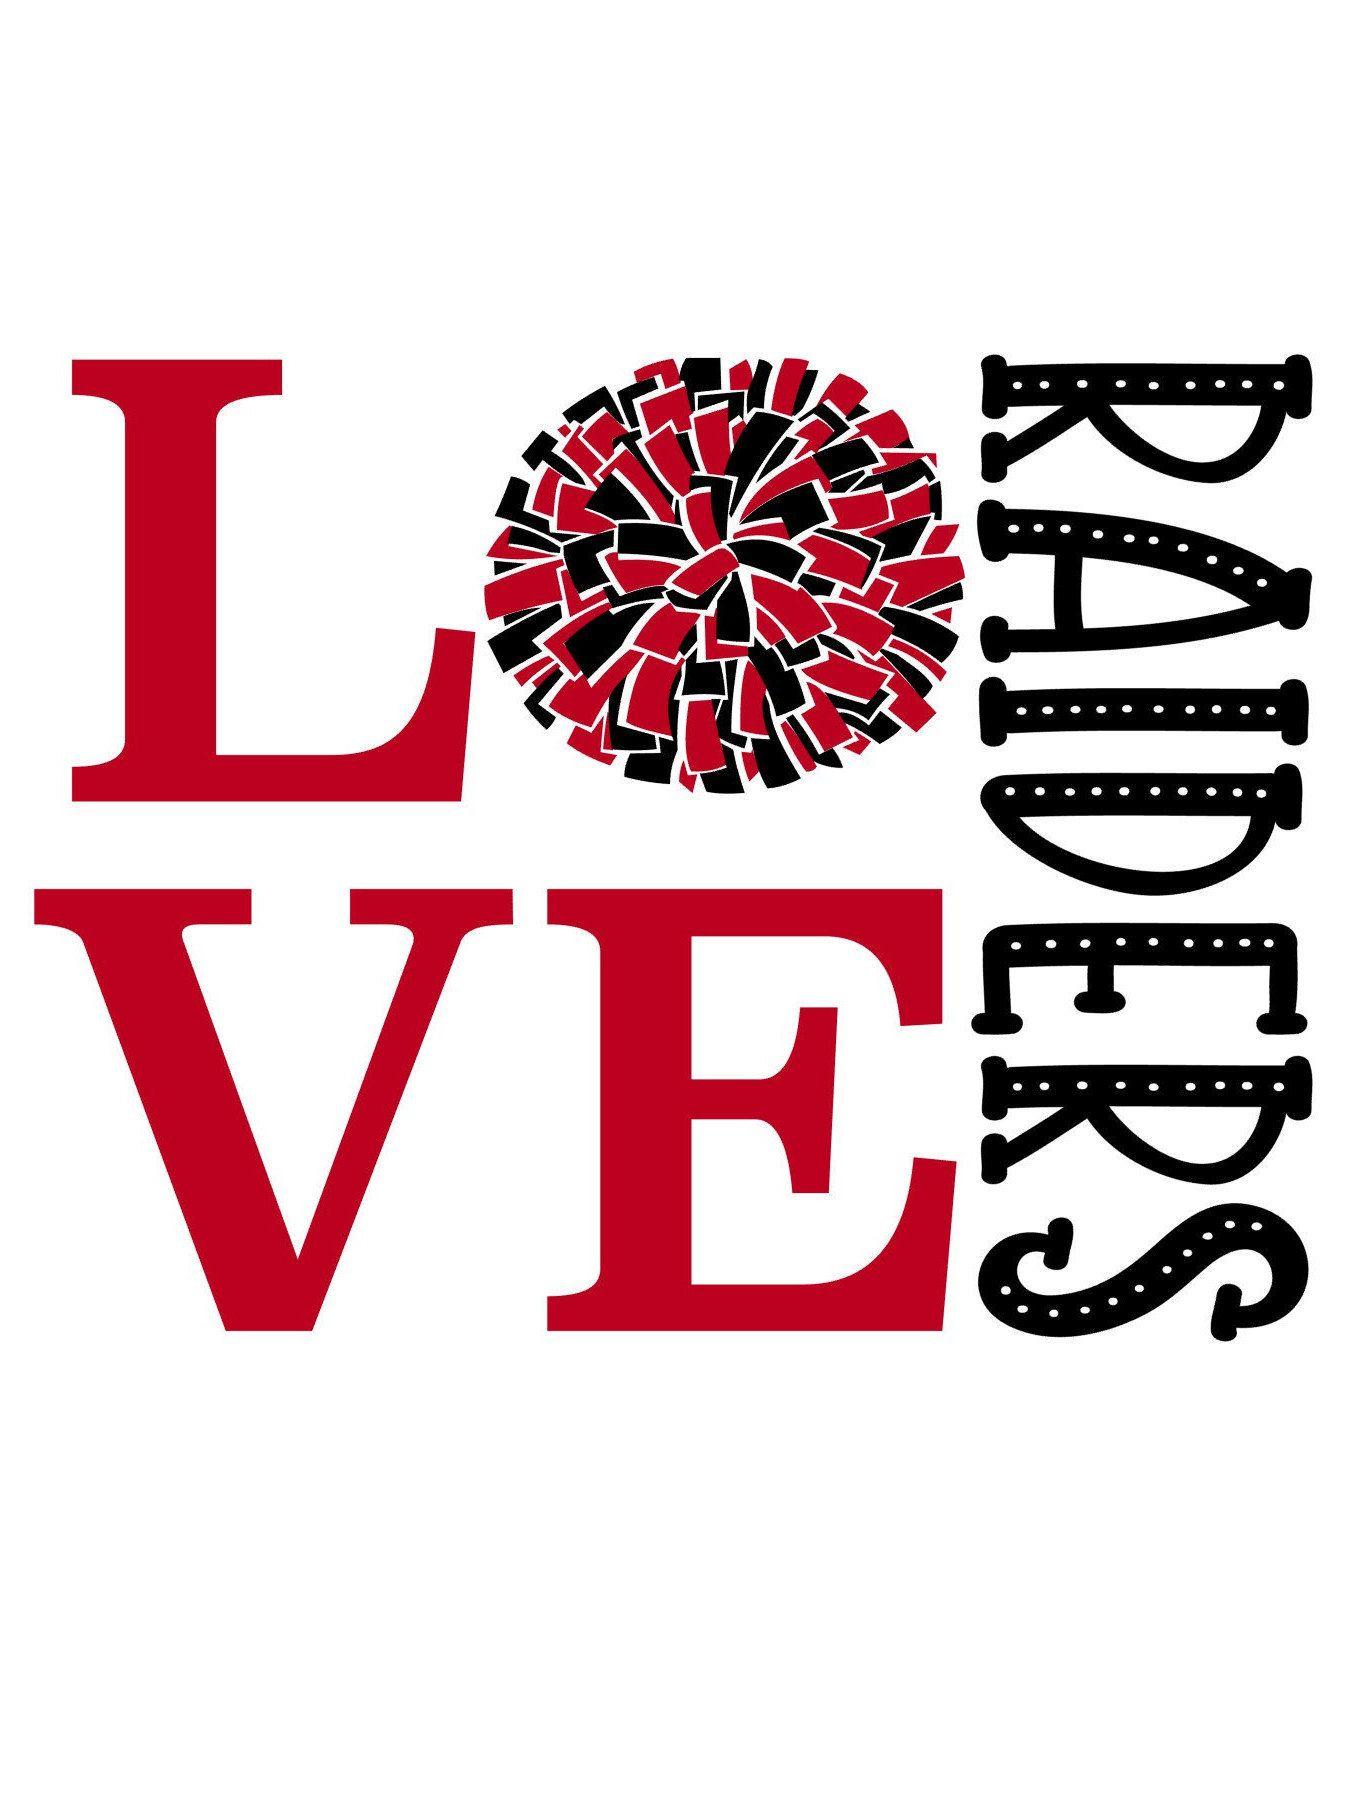 Download Love Raiders Cheer SVG | School spirit shirts, Spirit ...